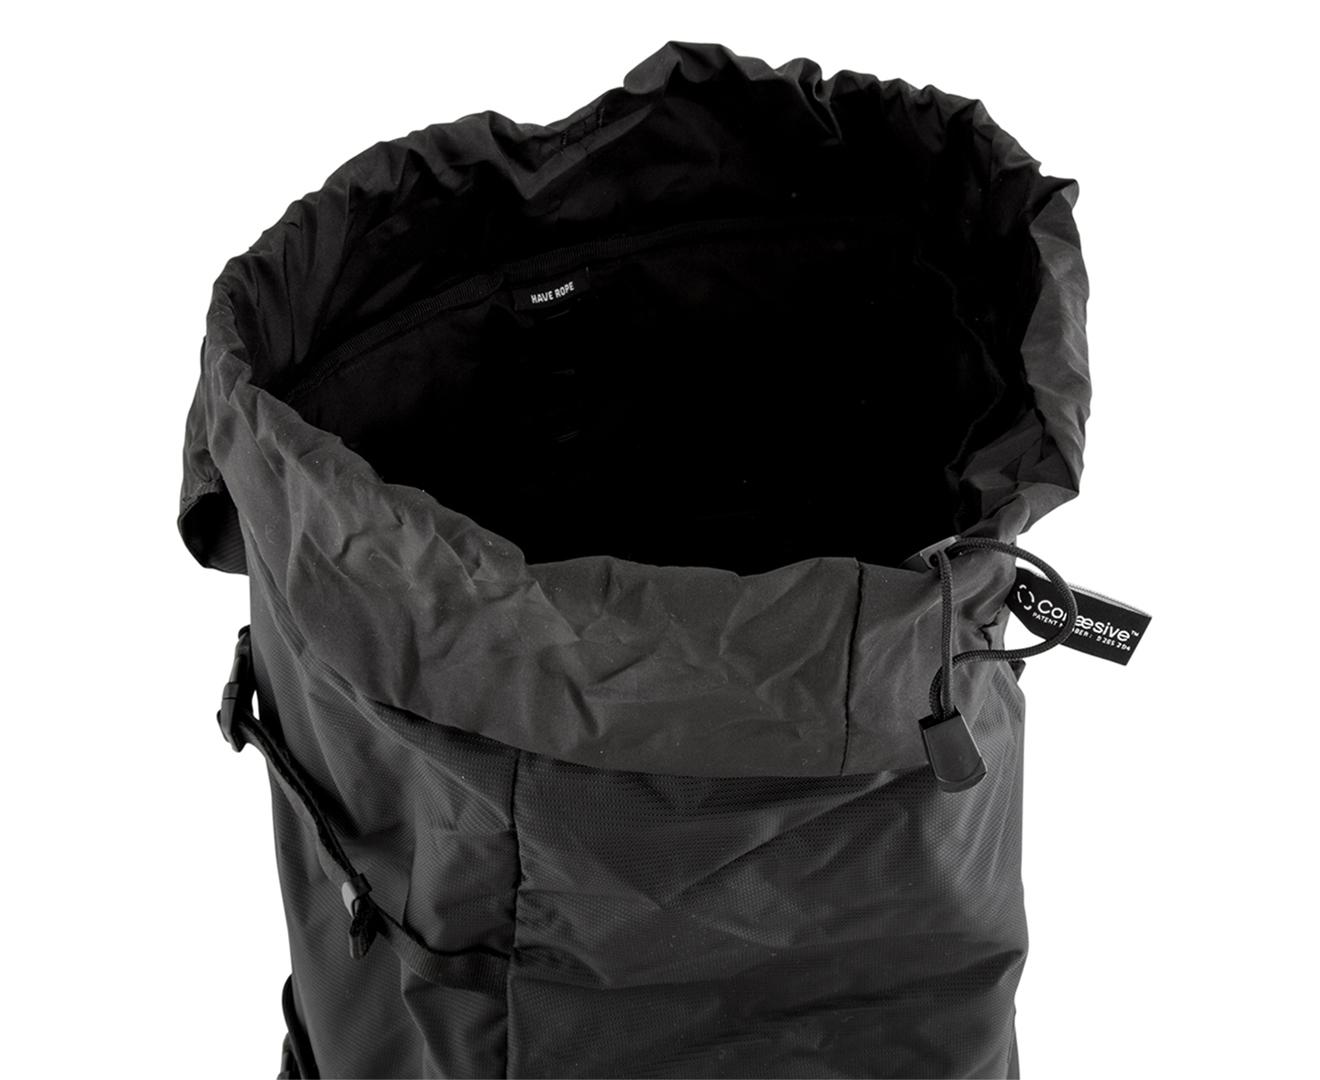 579cf549cb4 Herschel Supply Co. 27L Barlow Large Backpack - Black